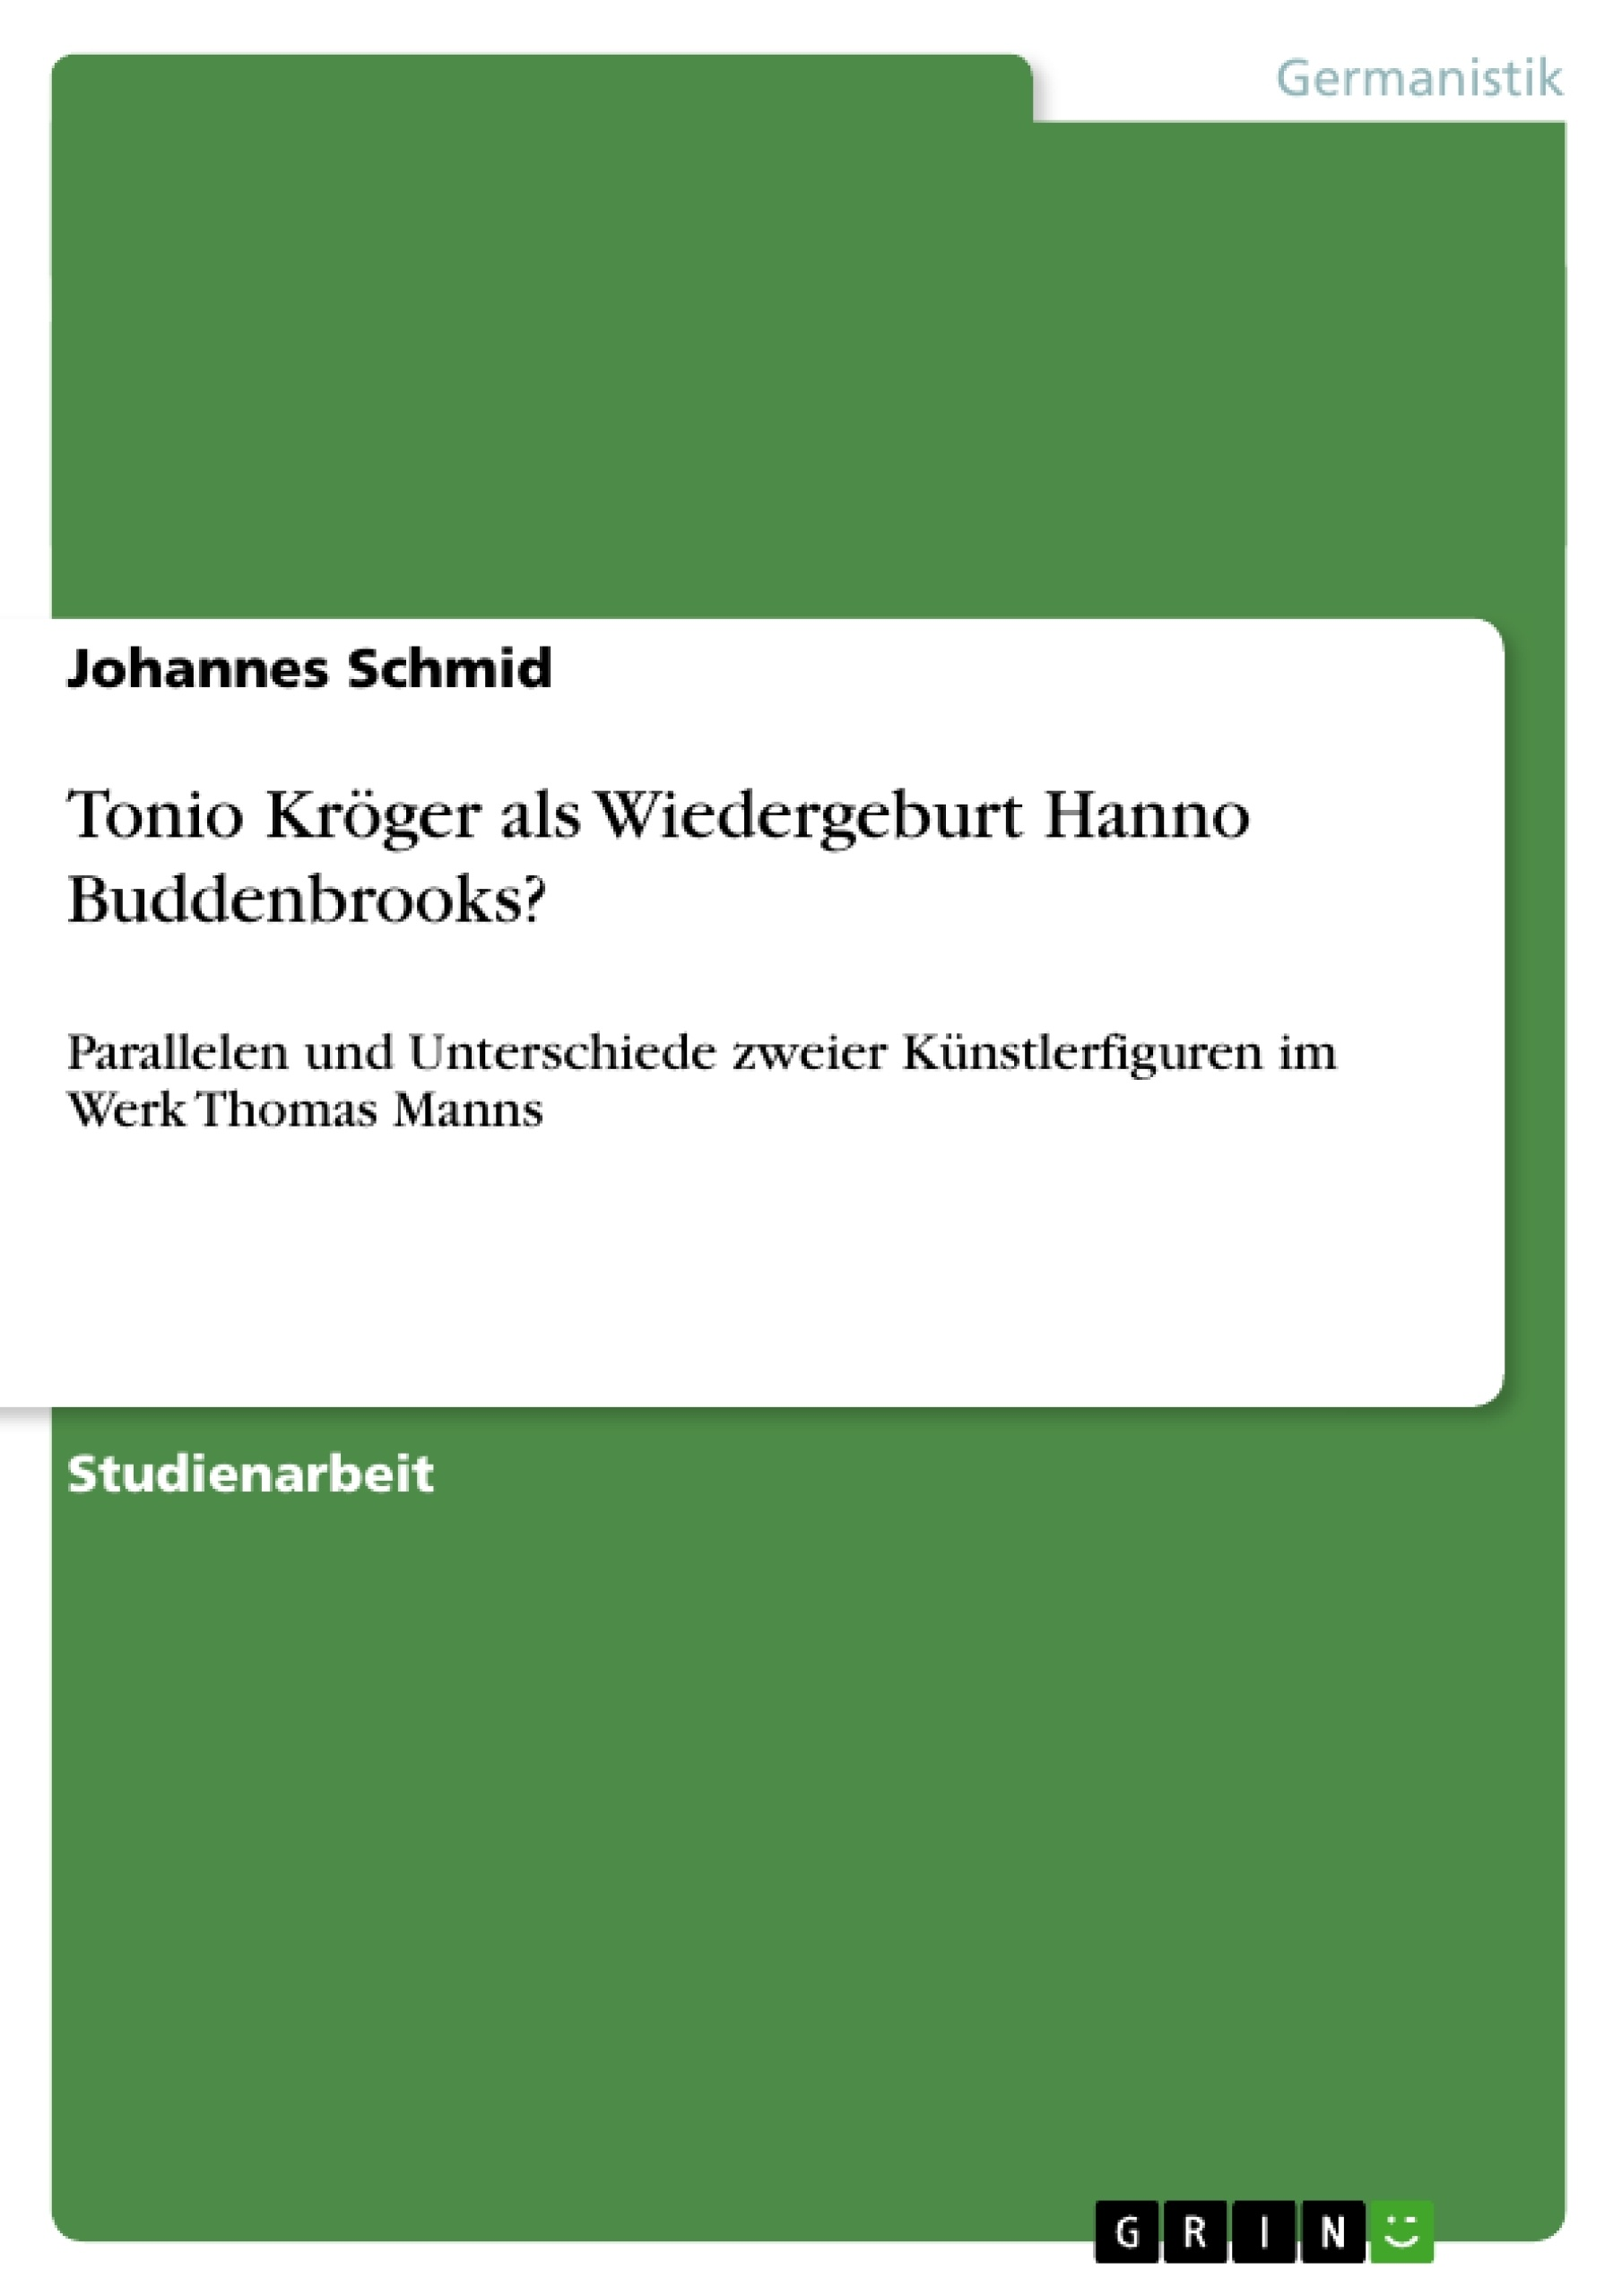 Titel: Tonio Kröger als Wiedergeburt Hanno Buddenbrooks?